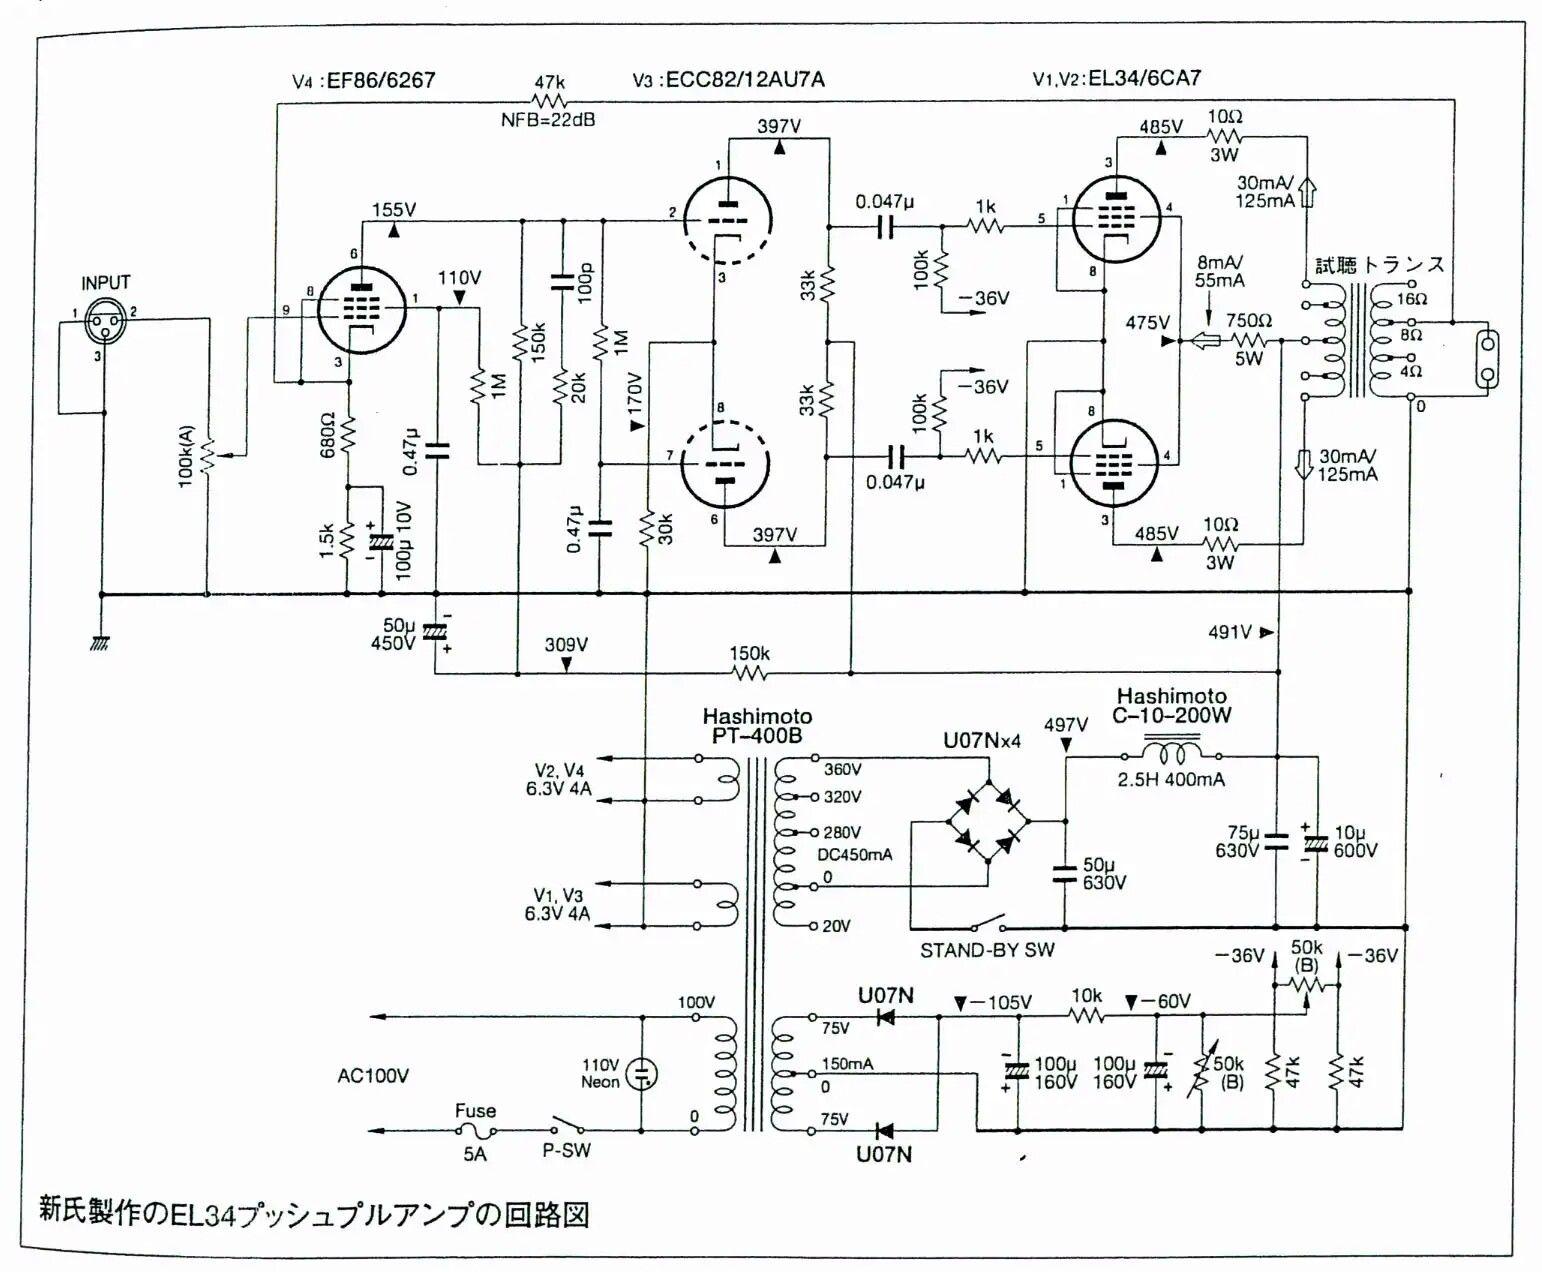 hight resolution of el34 push pull circuit diagram vacuum tube audiophile techno circuits robotics